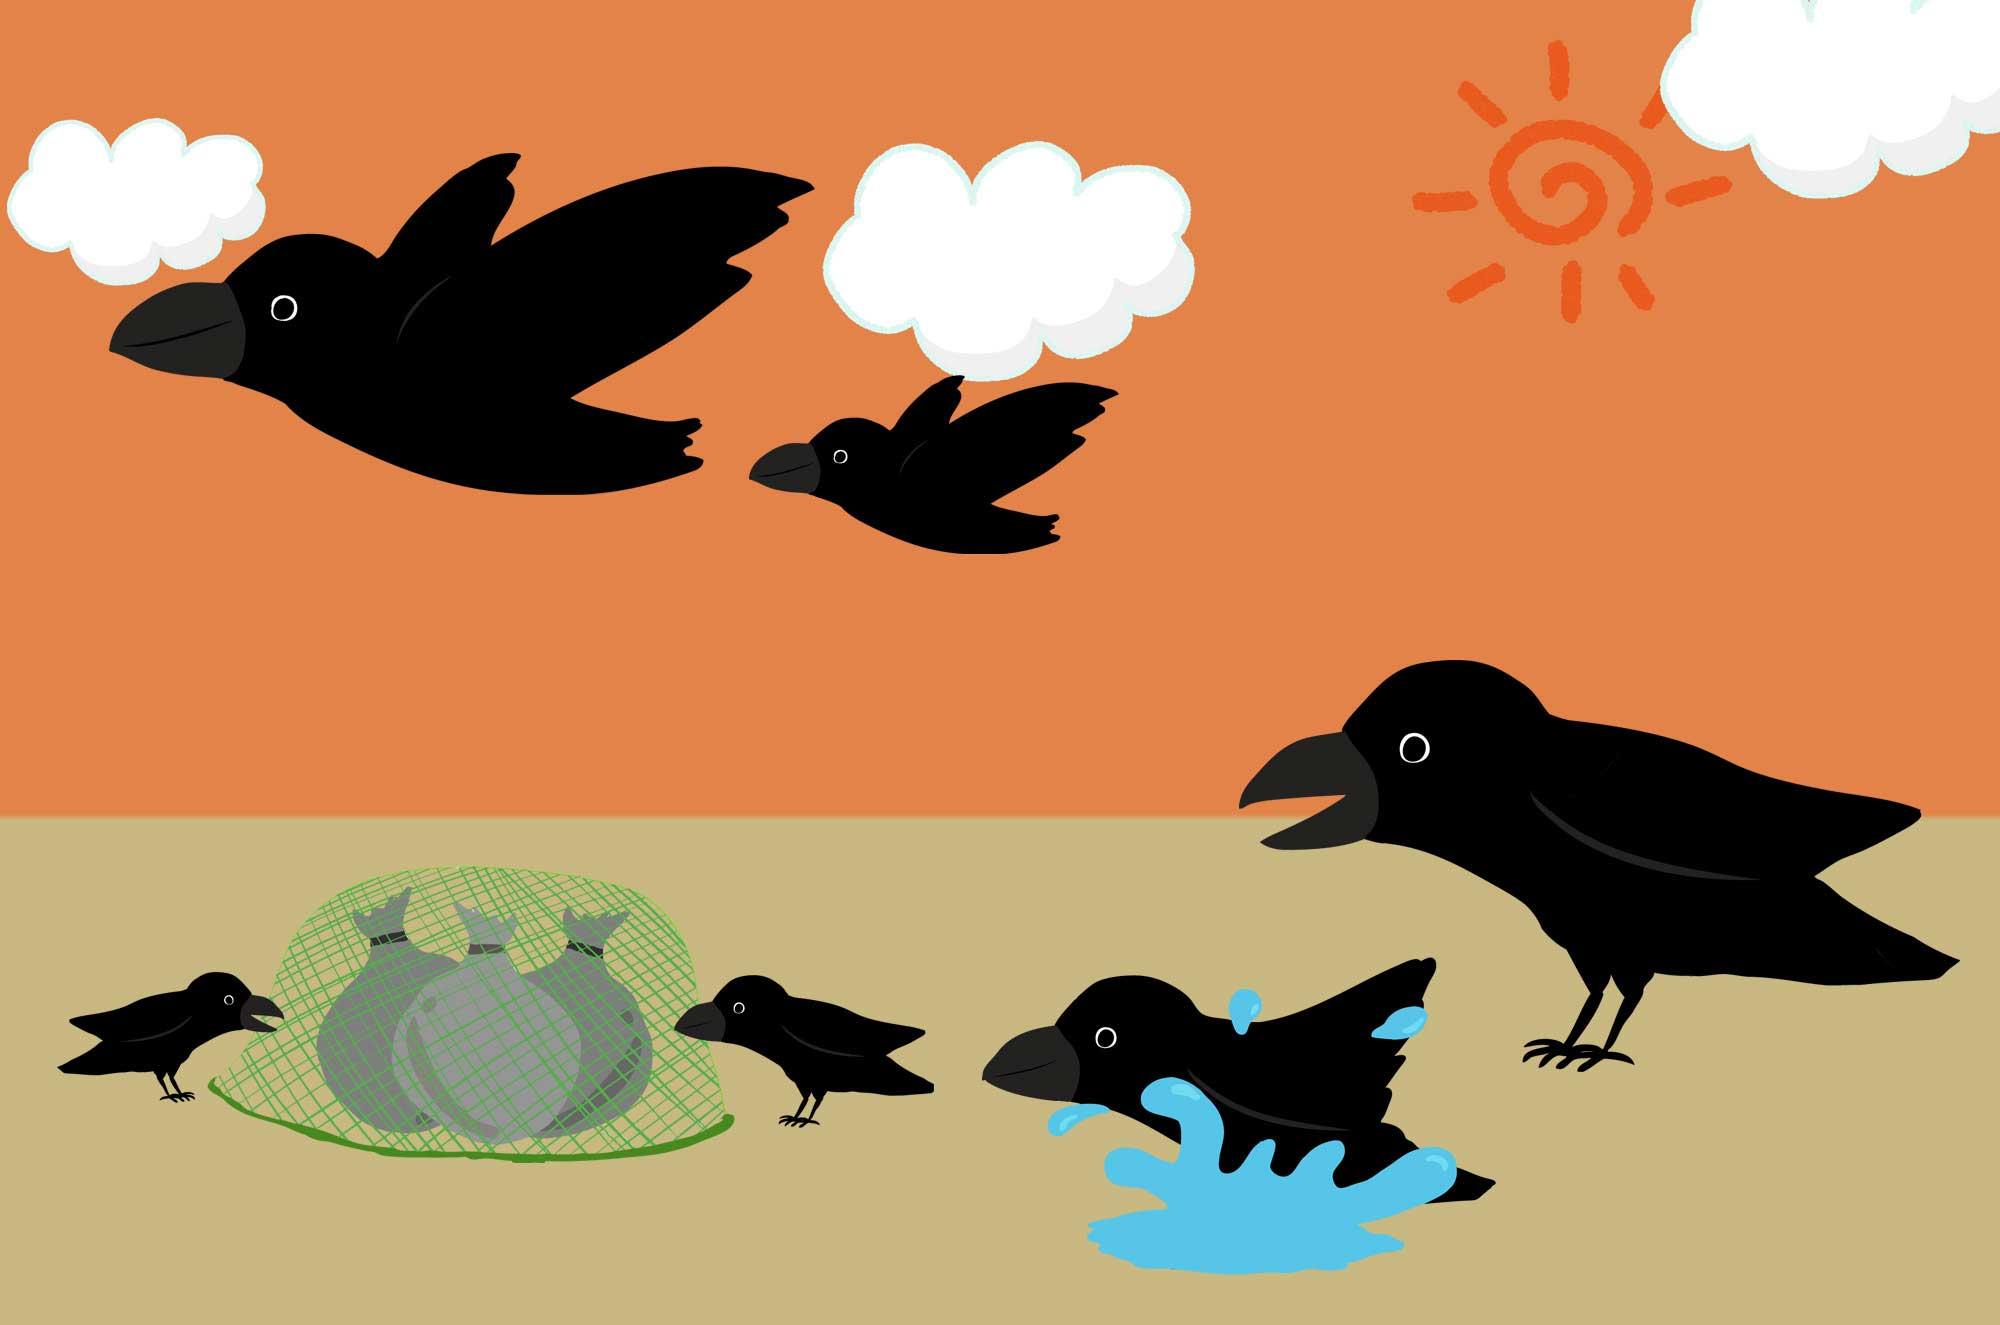 カラスのイラスト - 飛ぶ・寝る可愛い鳥のフリー素材